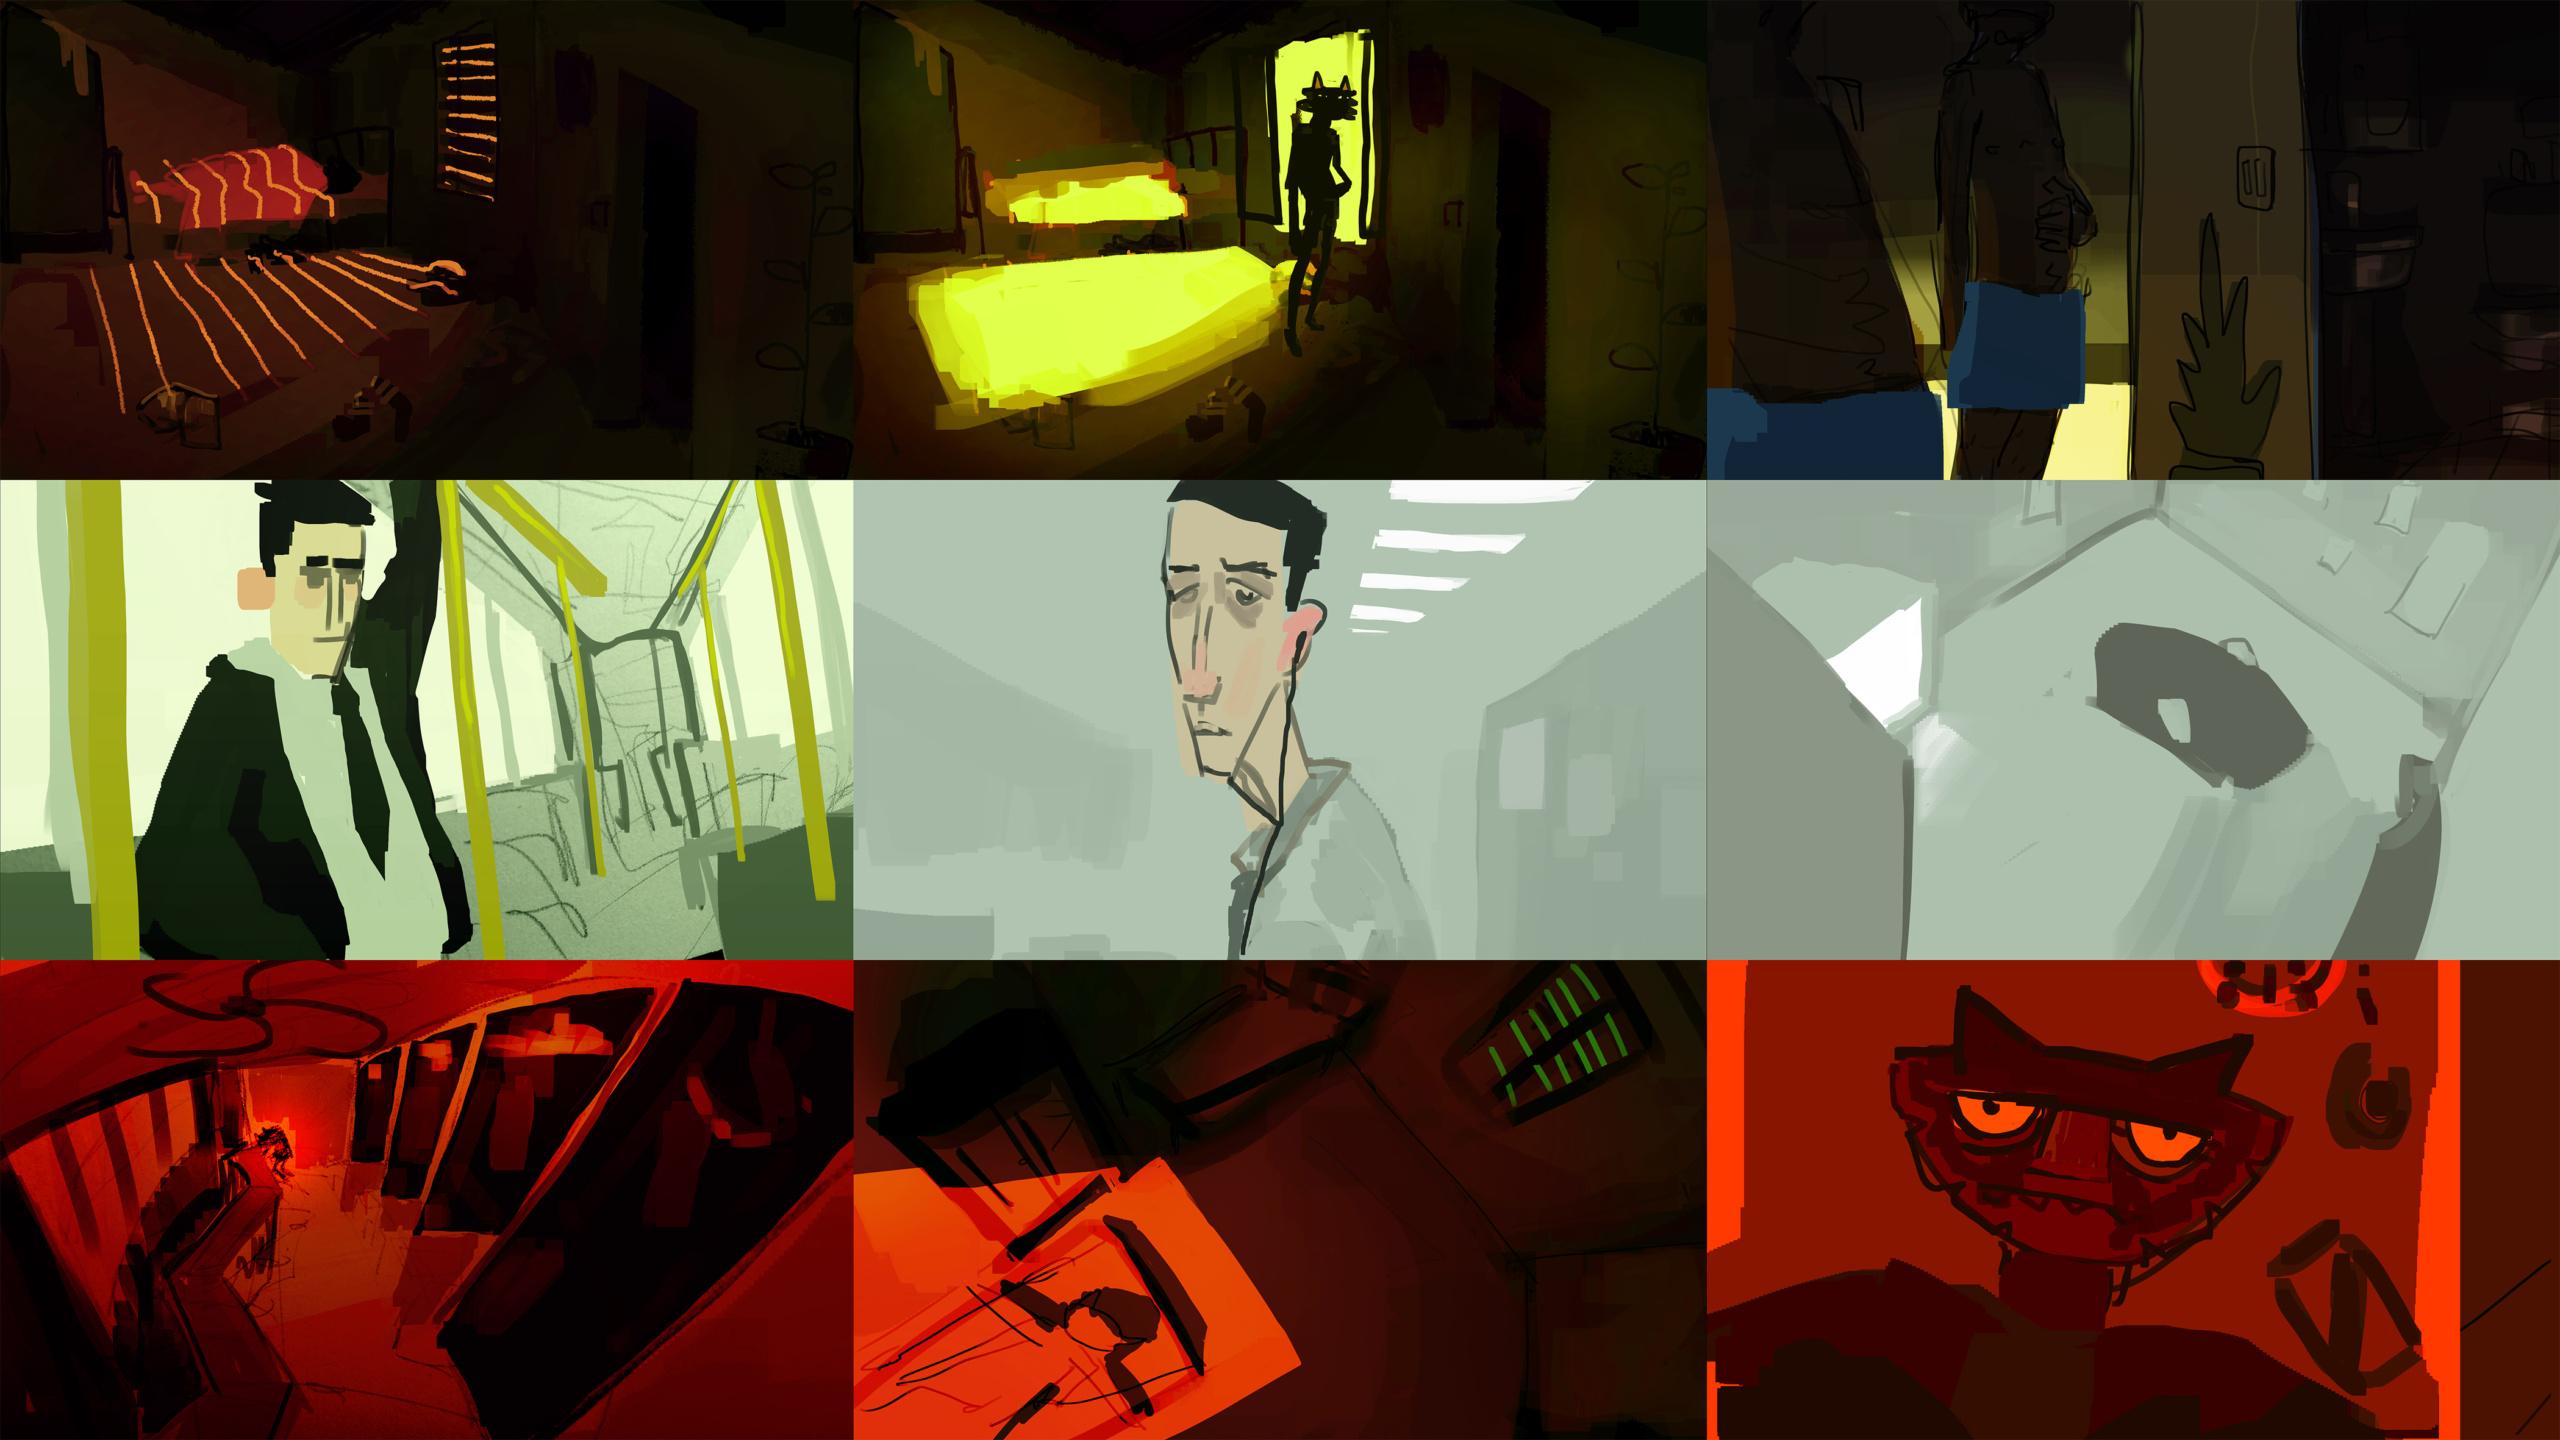 Animacija_KoljaSaksida_Dup2_MihaReja_ZaZaprtimiRoletami_Bts_03